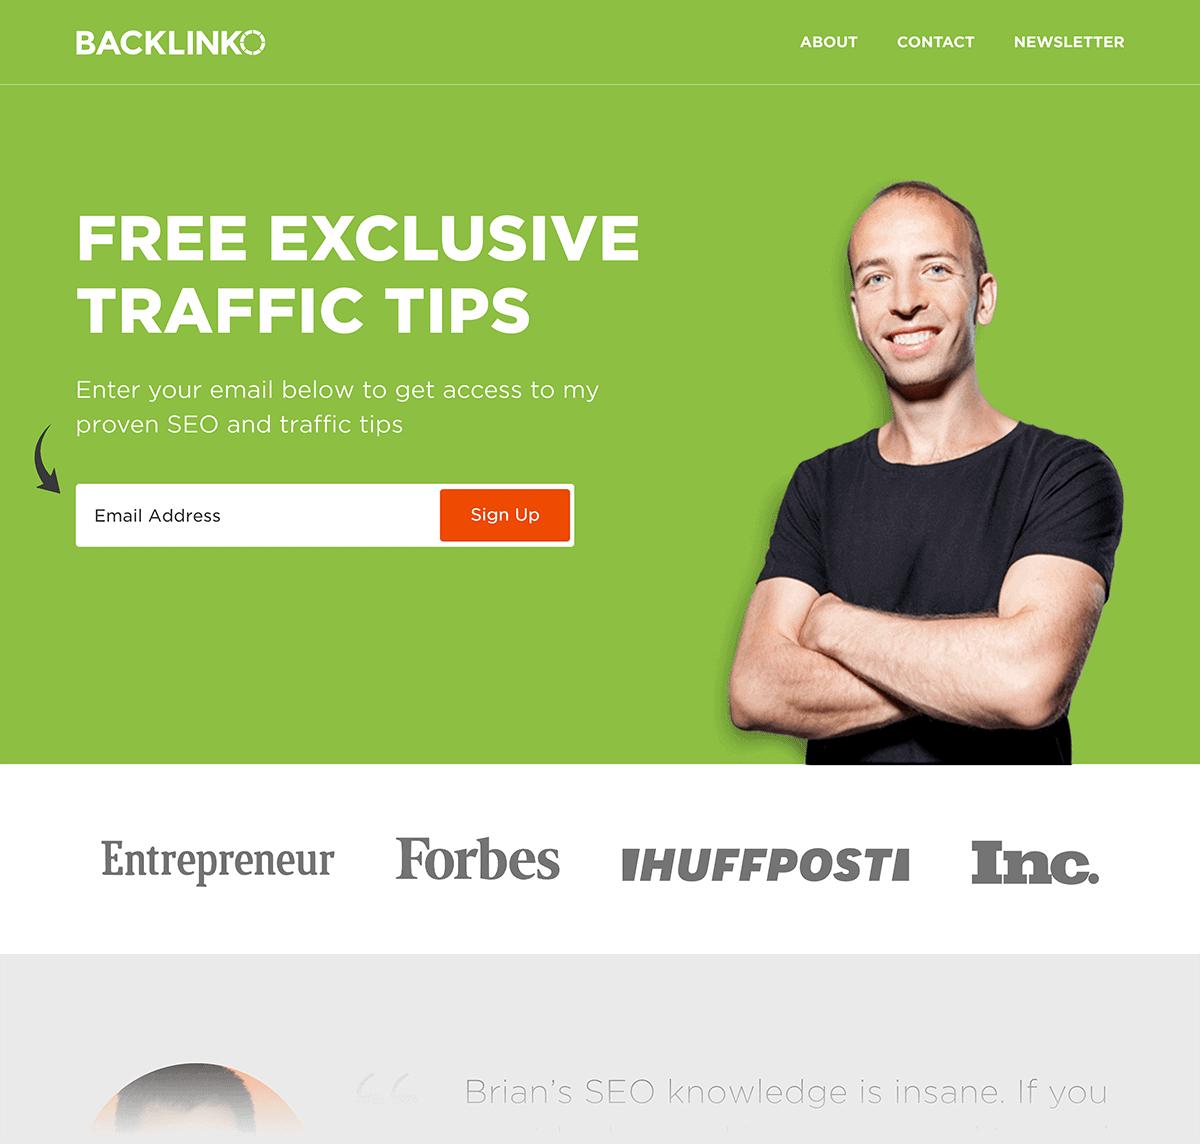 New Backlinko homepage